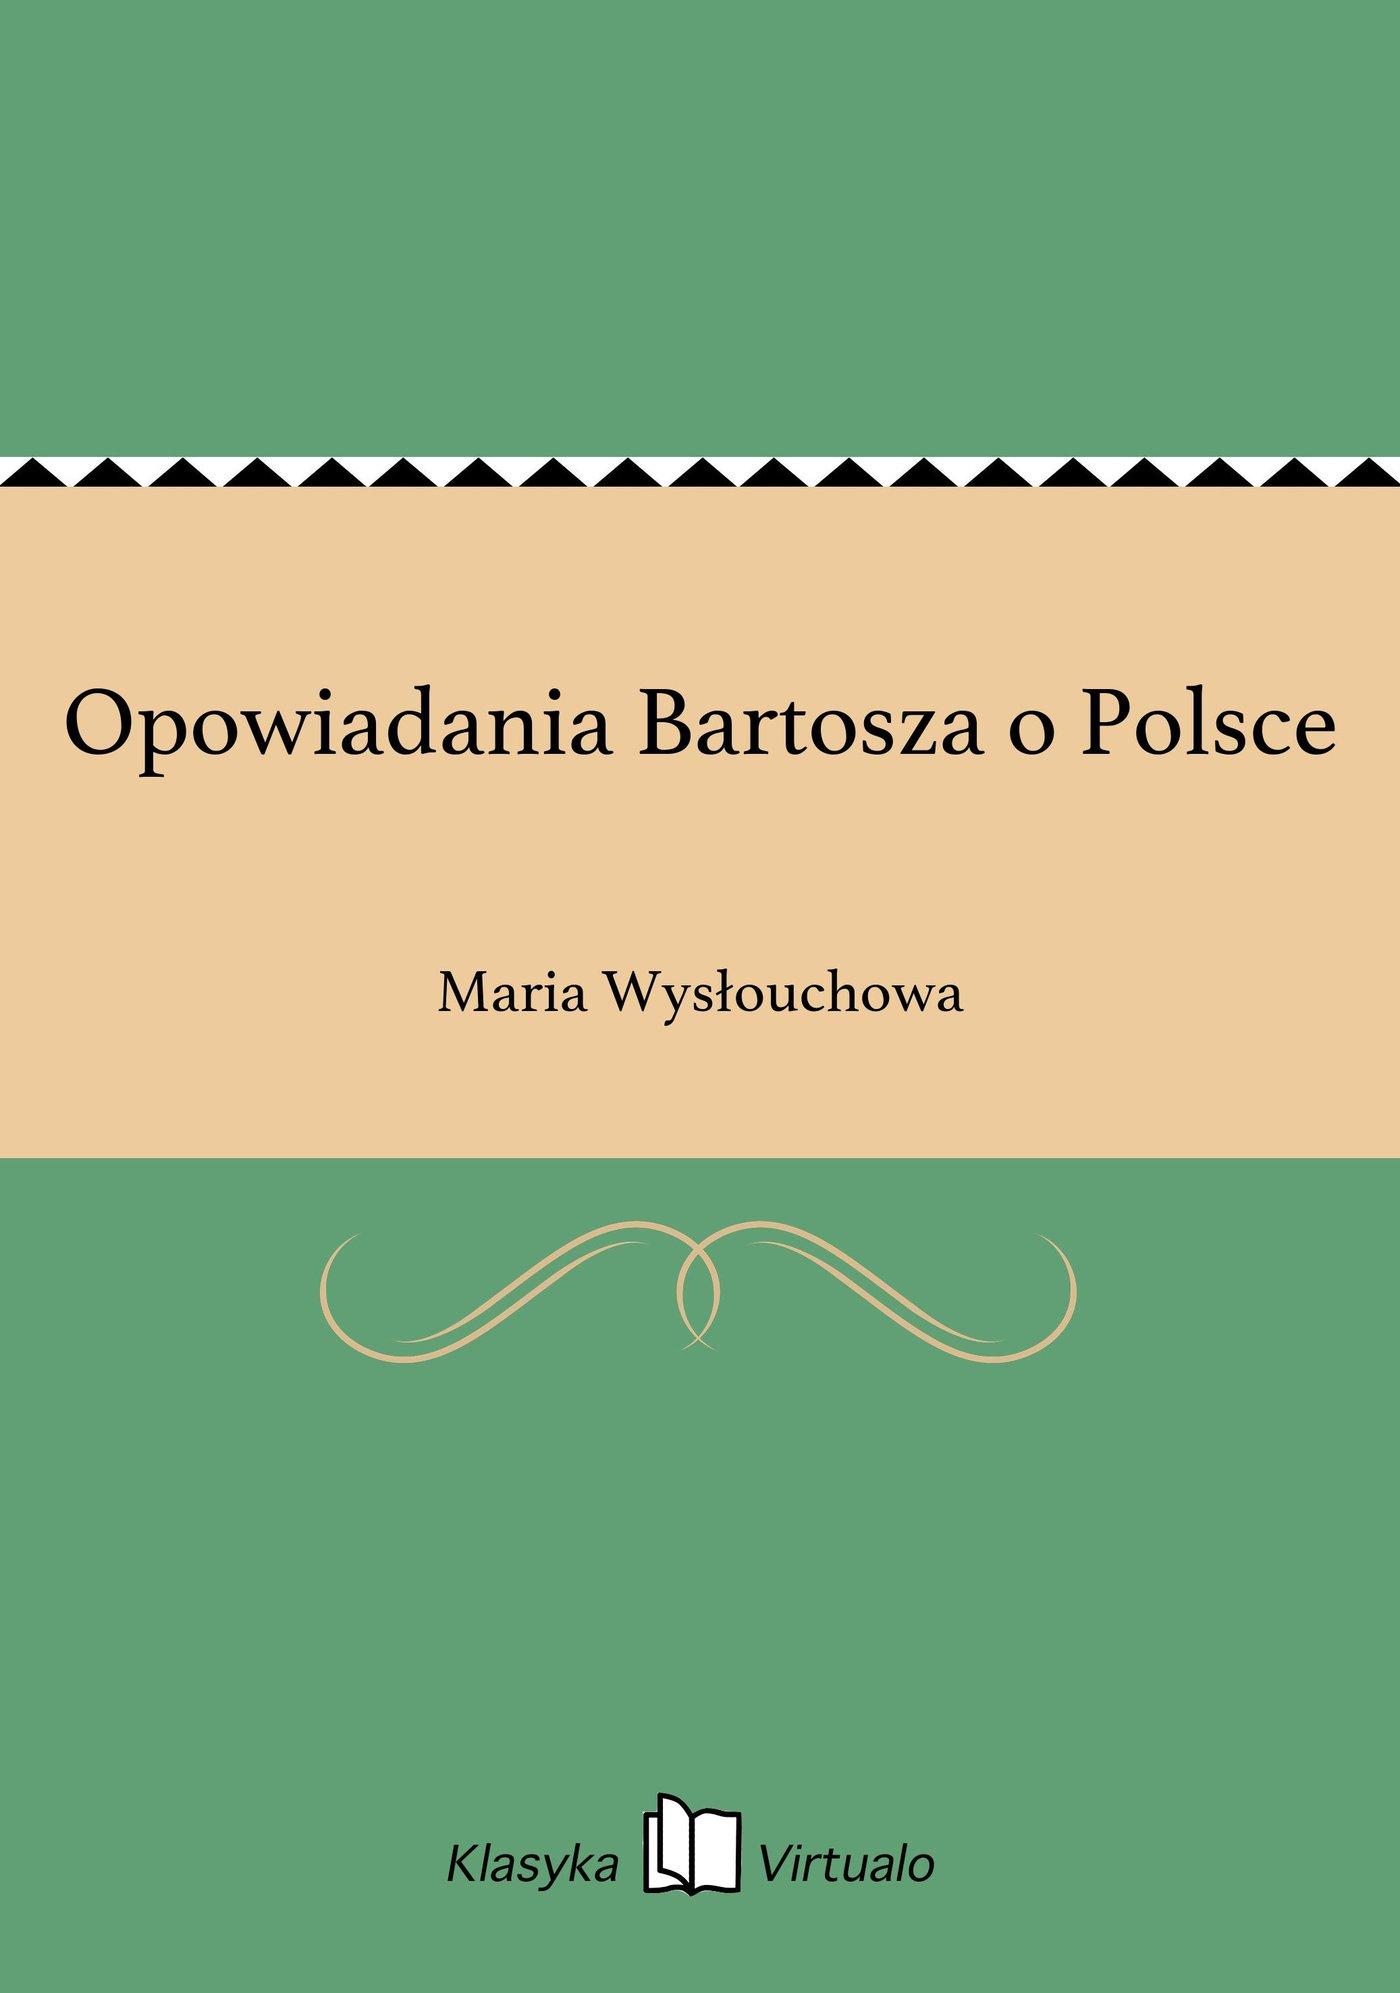 Opowiadania Bartosza o Polsce - Ebook (Książka EPUB) do pobrania w formacie EPUB